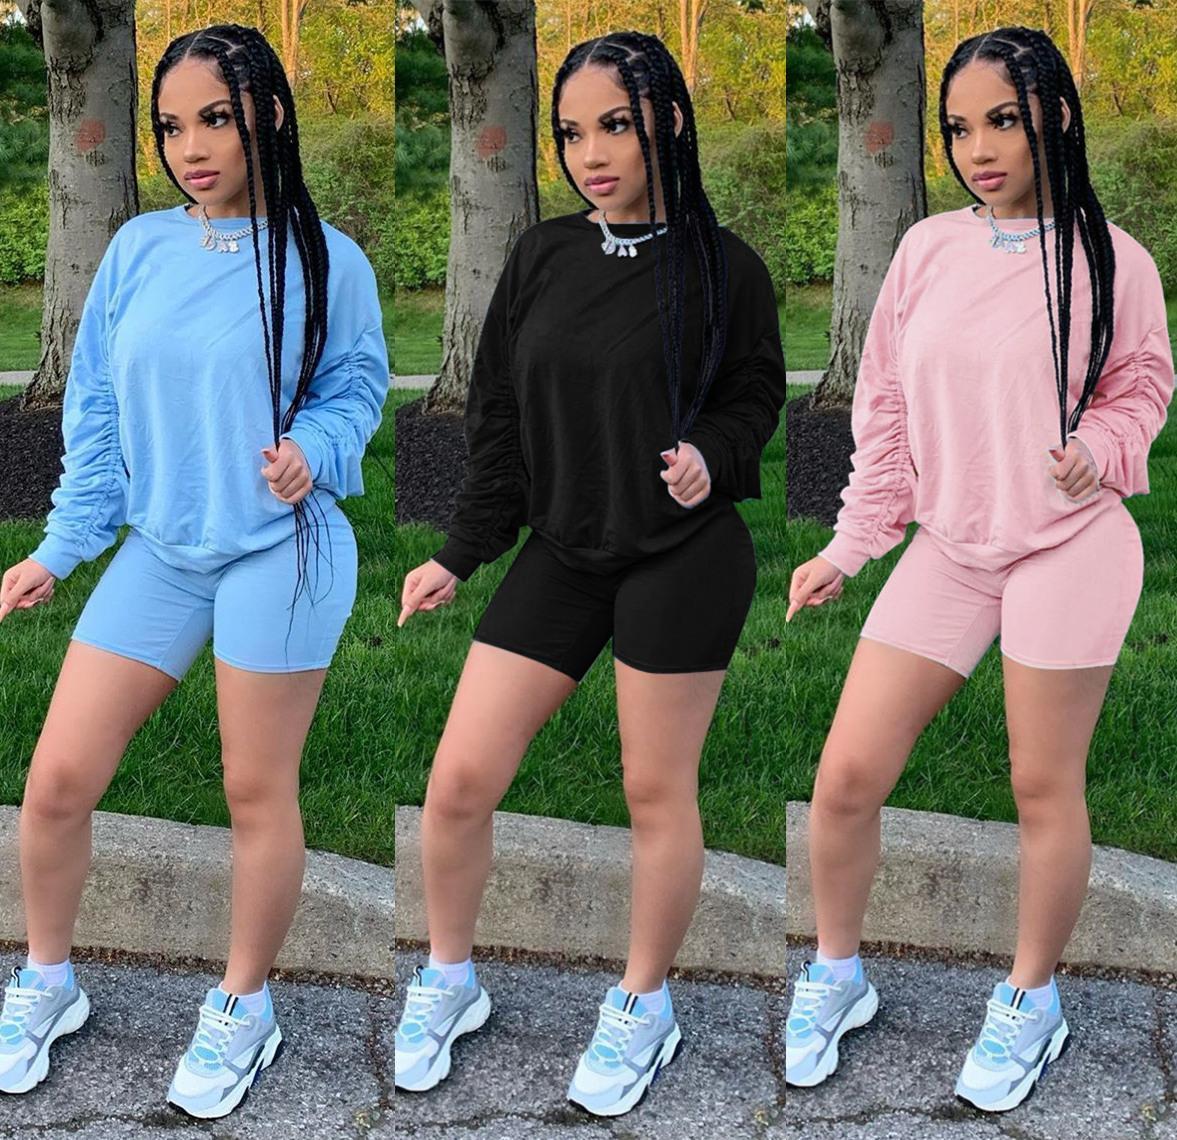 Короткая рукава трексуитов T рубашка + 1 брюки одежда женские девушки наборы дамы вскользь бегущая одежда взрослый спортивный костюм